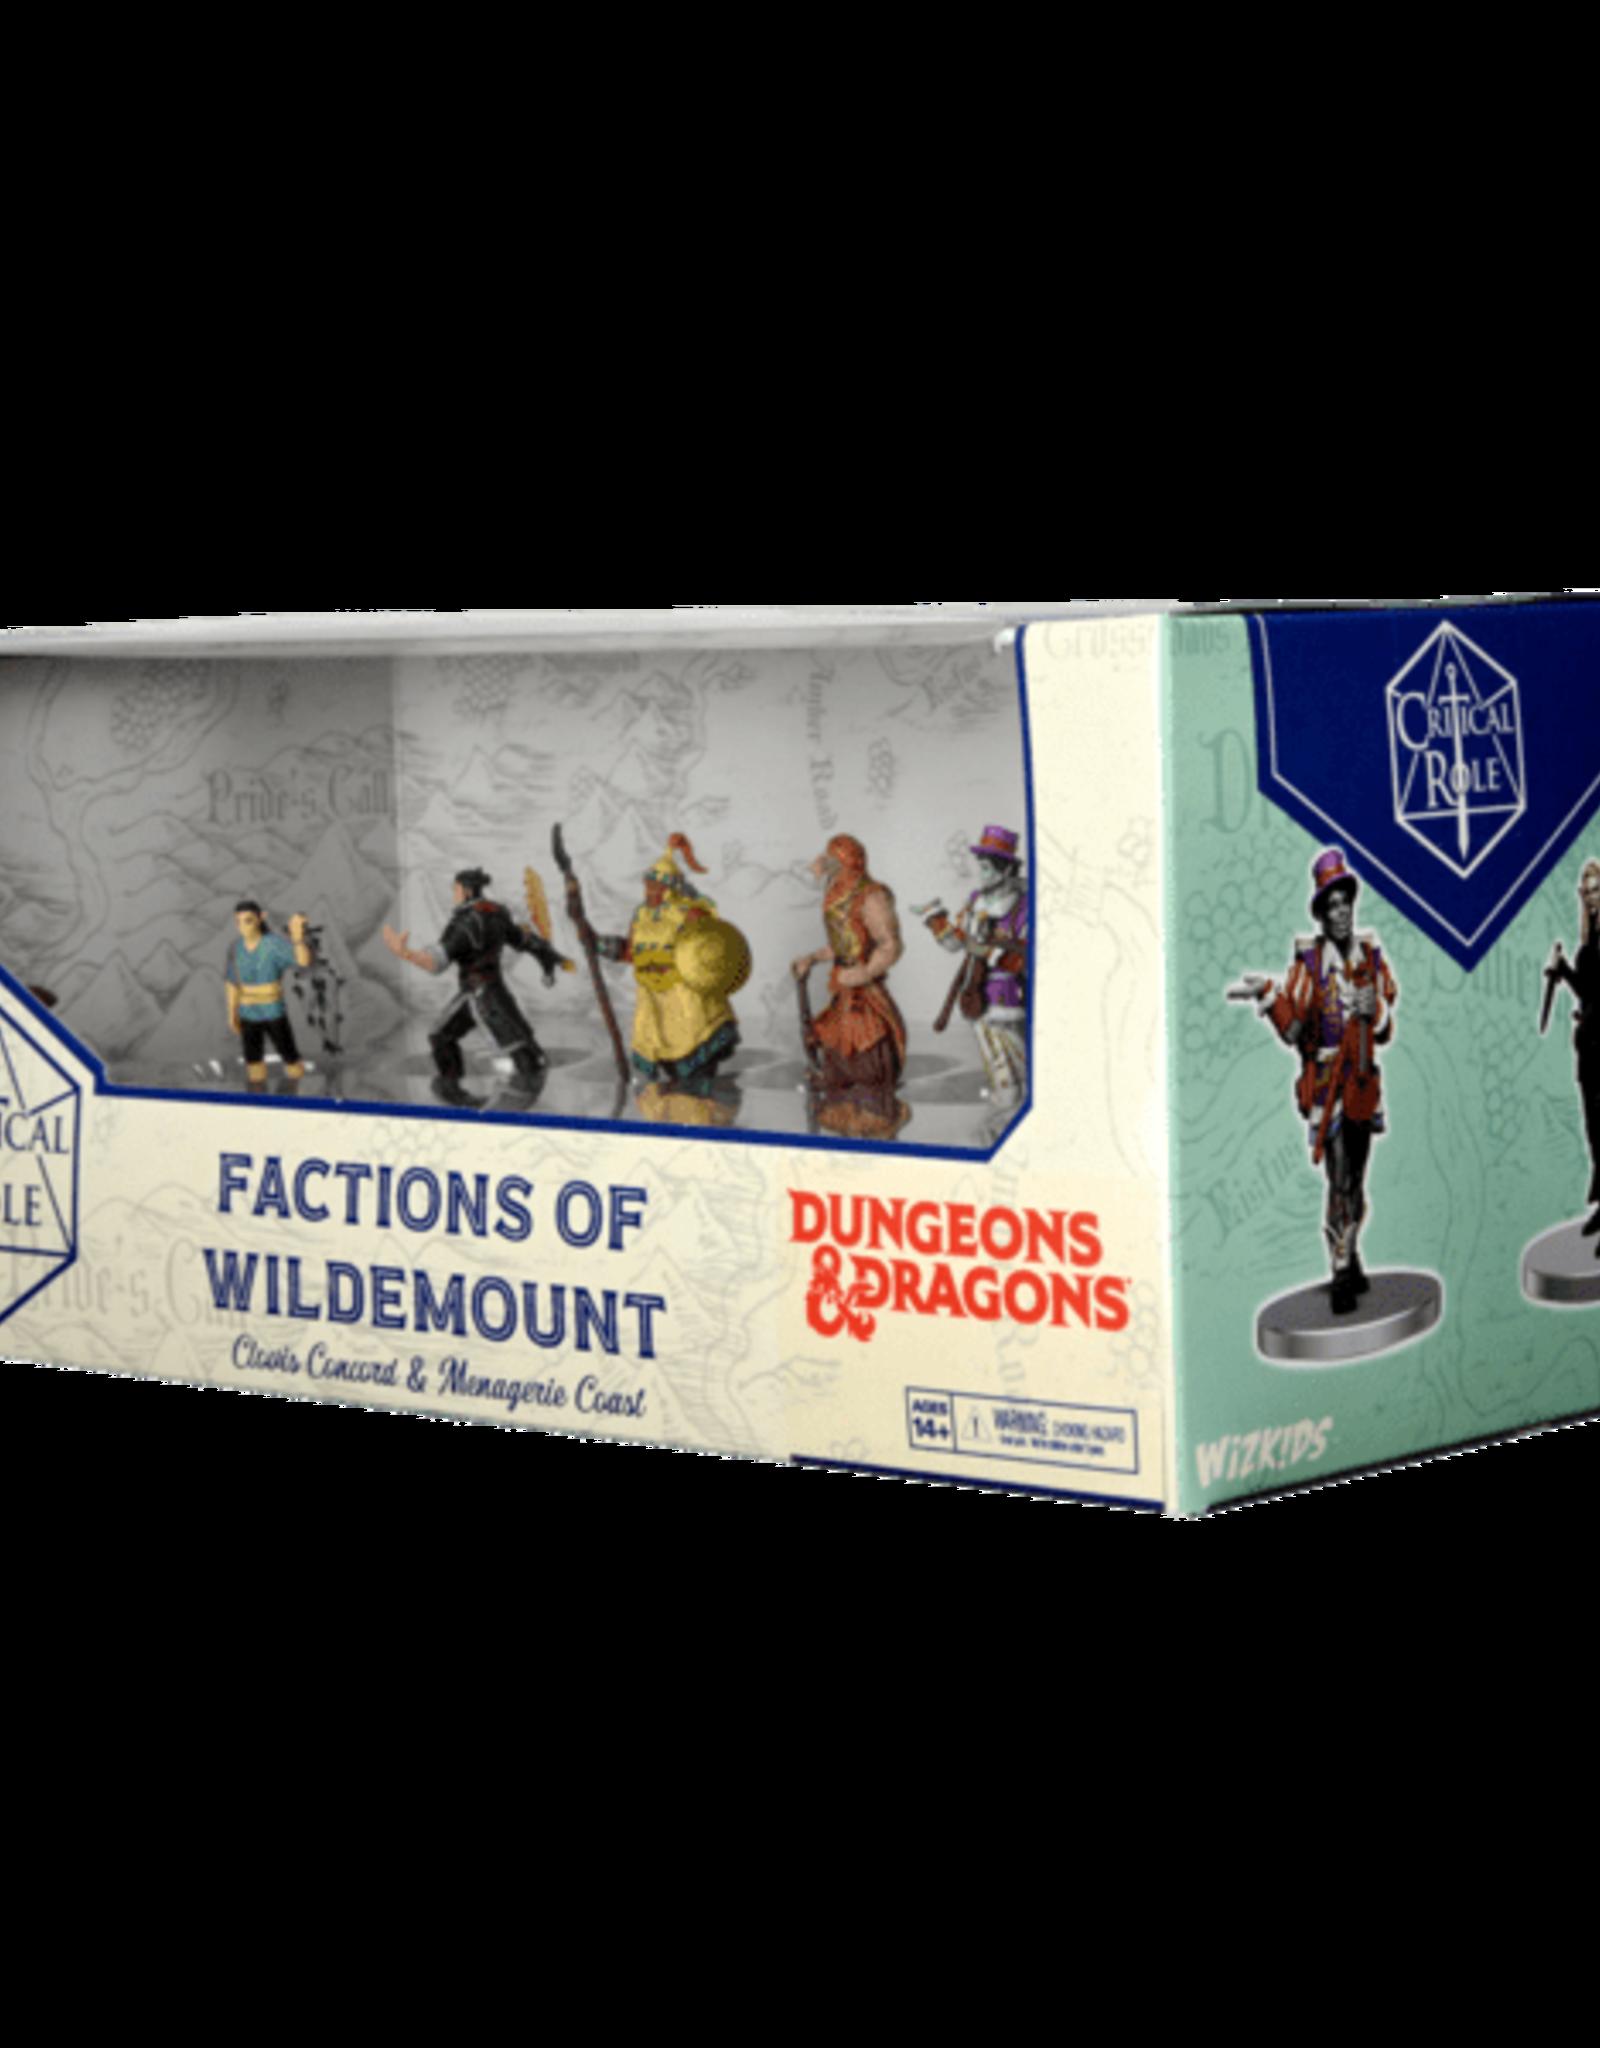 Wizkids D&D Critical Role: Factions of Wildemount - Clovis Concord & Menagerie Coast  Box Set